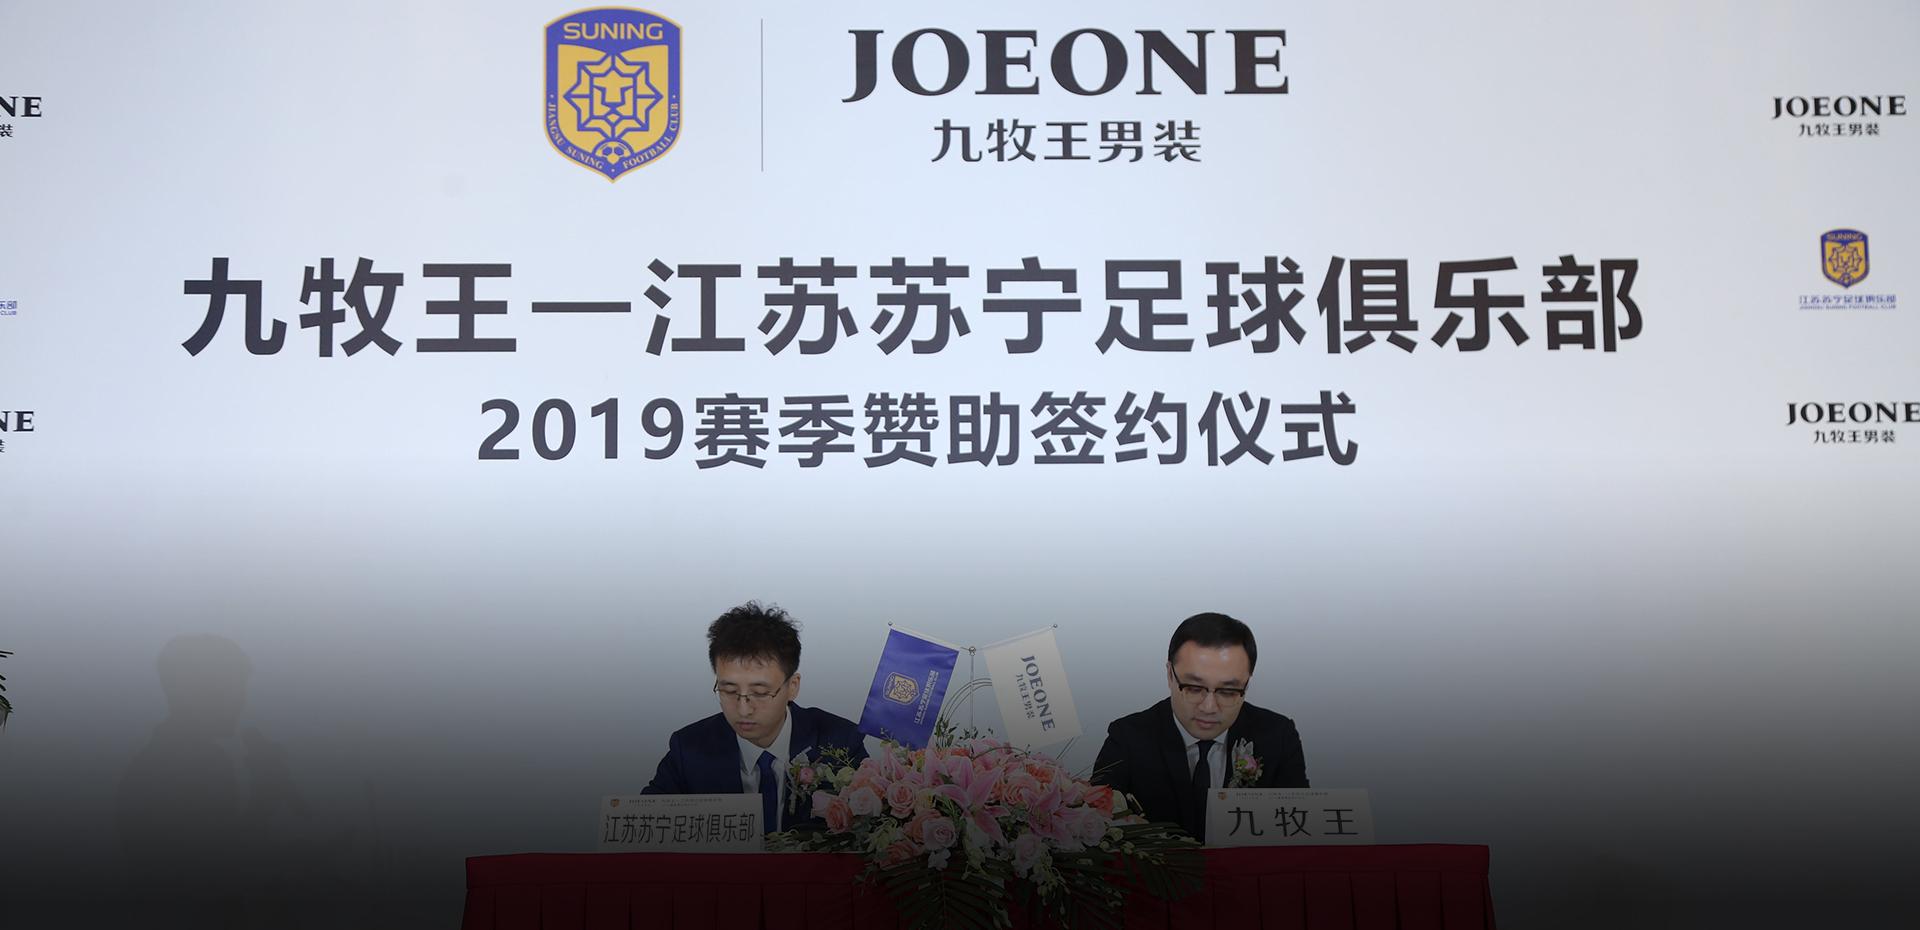 九牧王——江苏苏宁足球俱乐部签约仪式